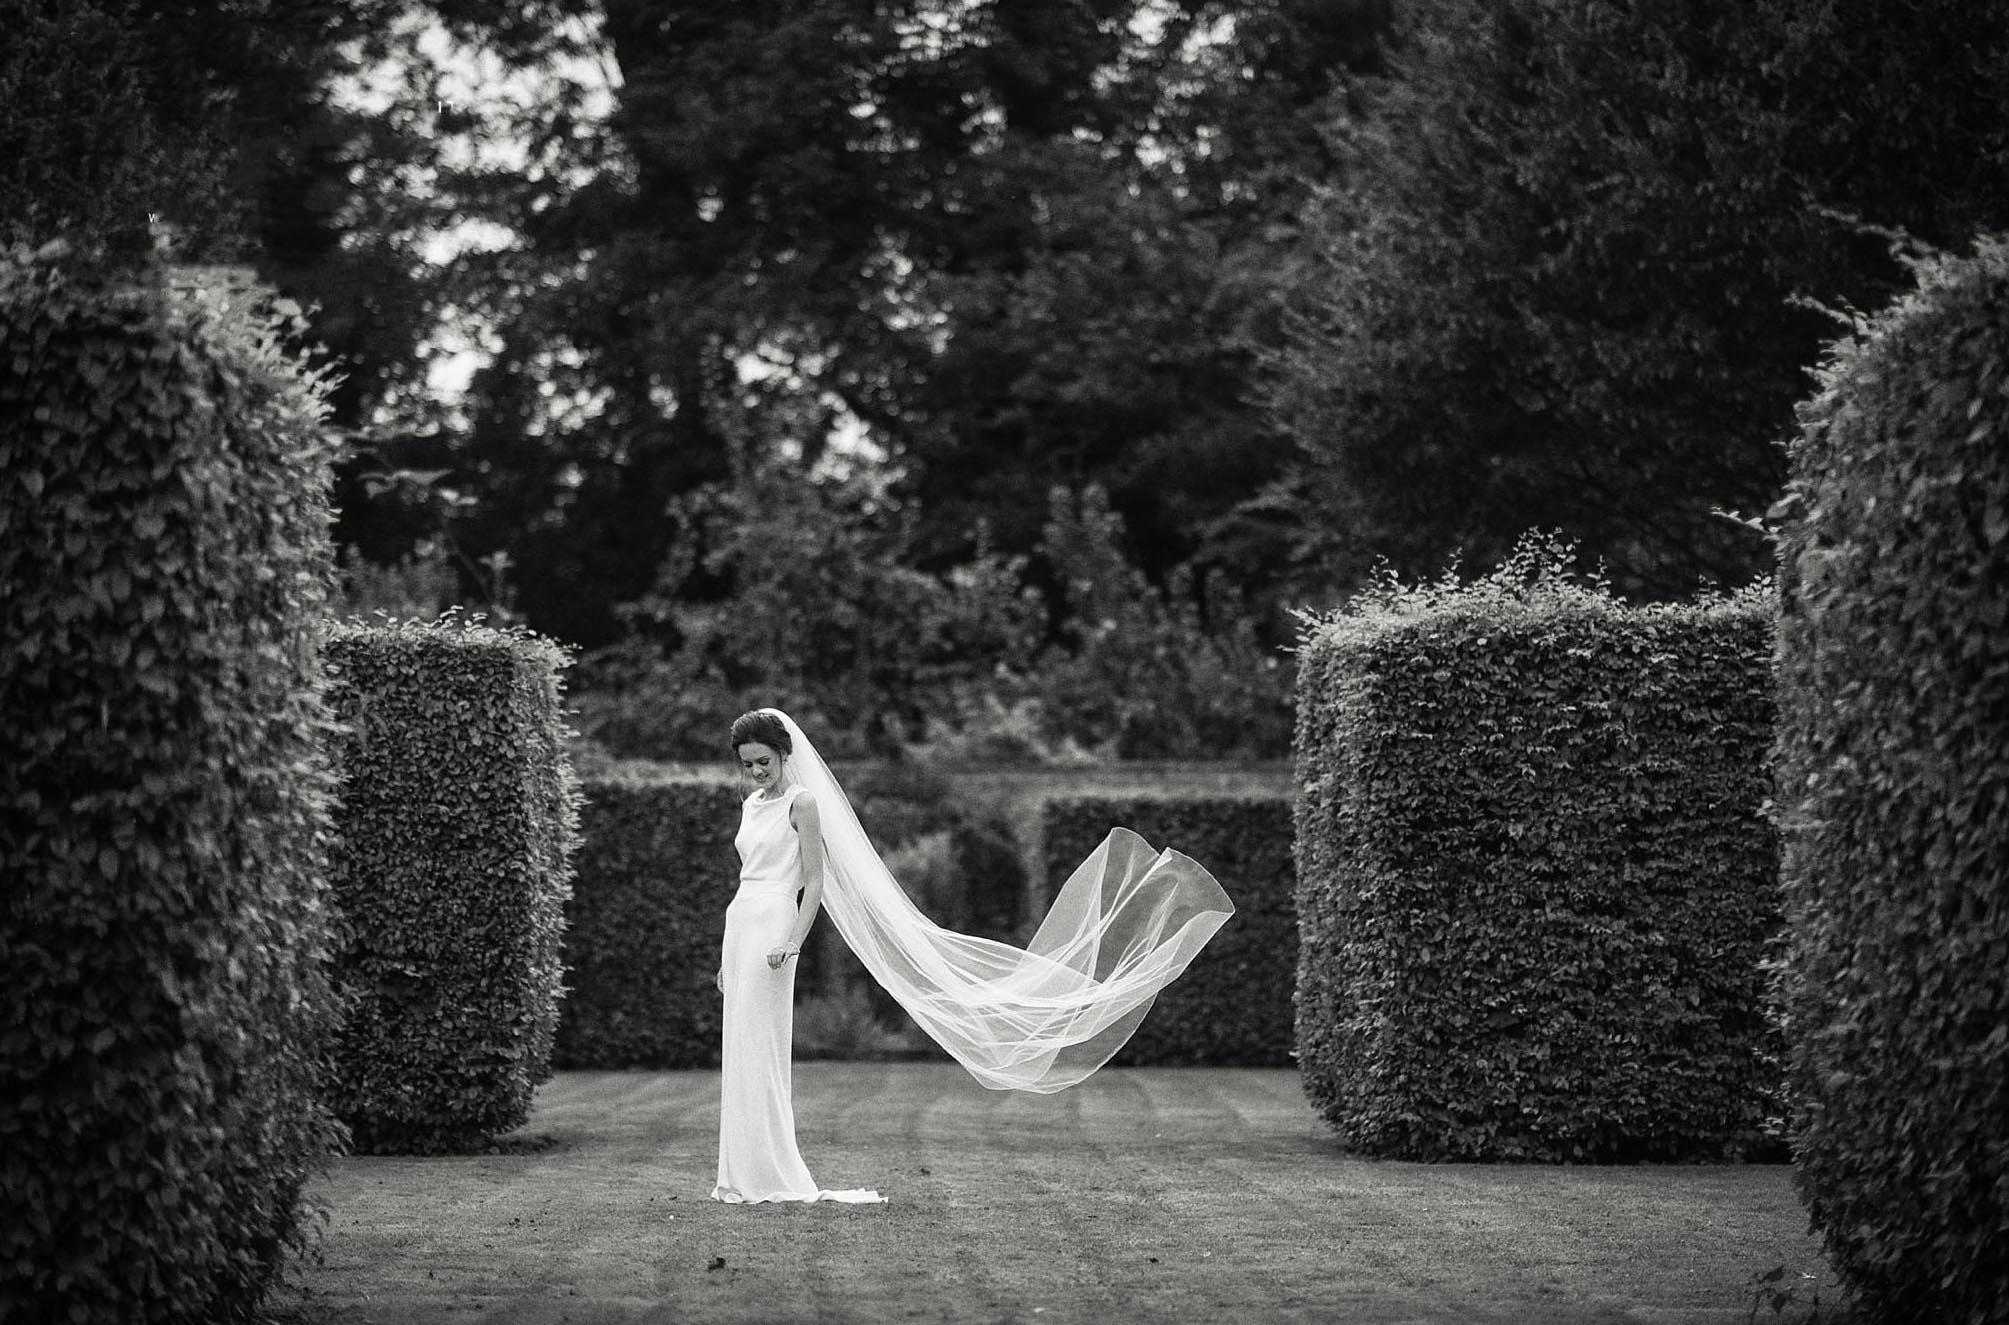 saltmarshe hall wedding photography.jpg